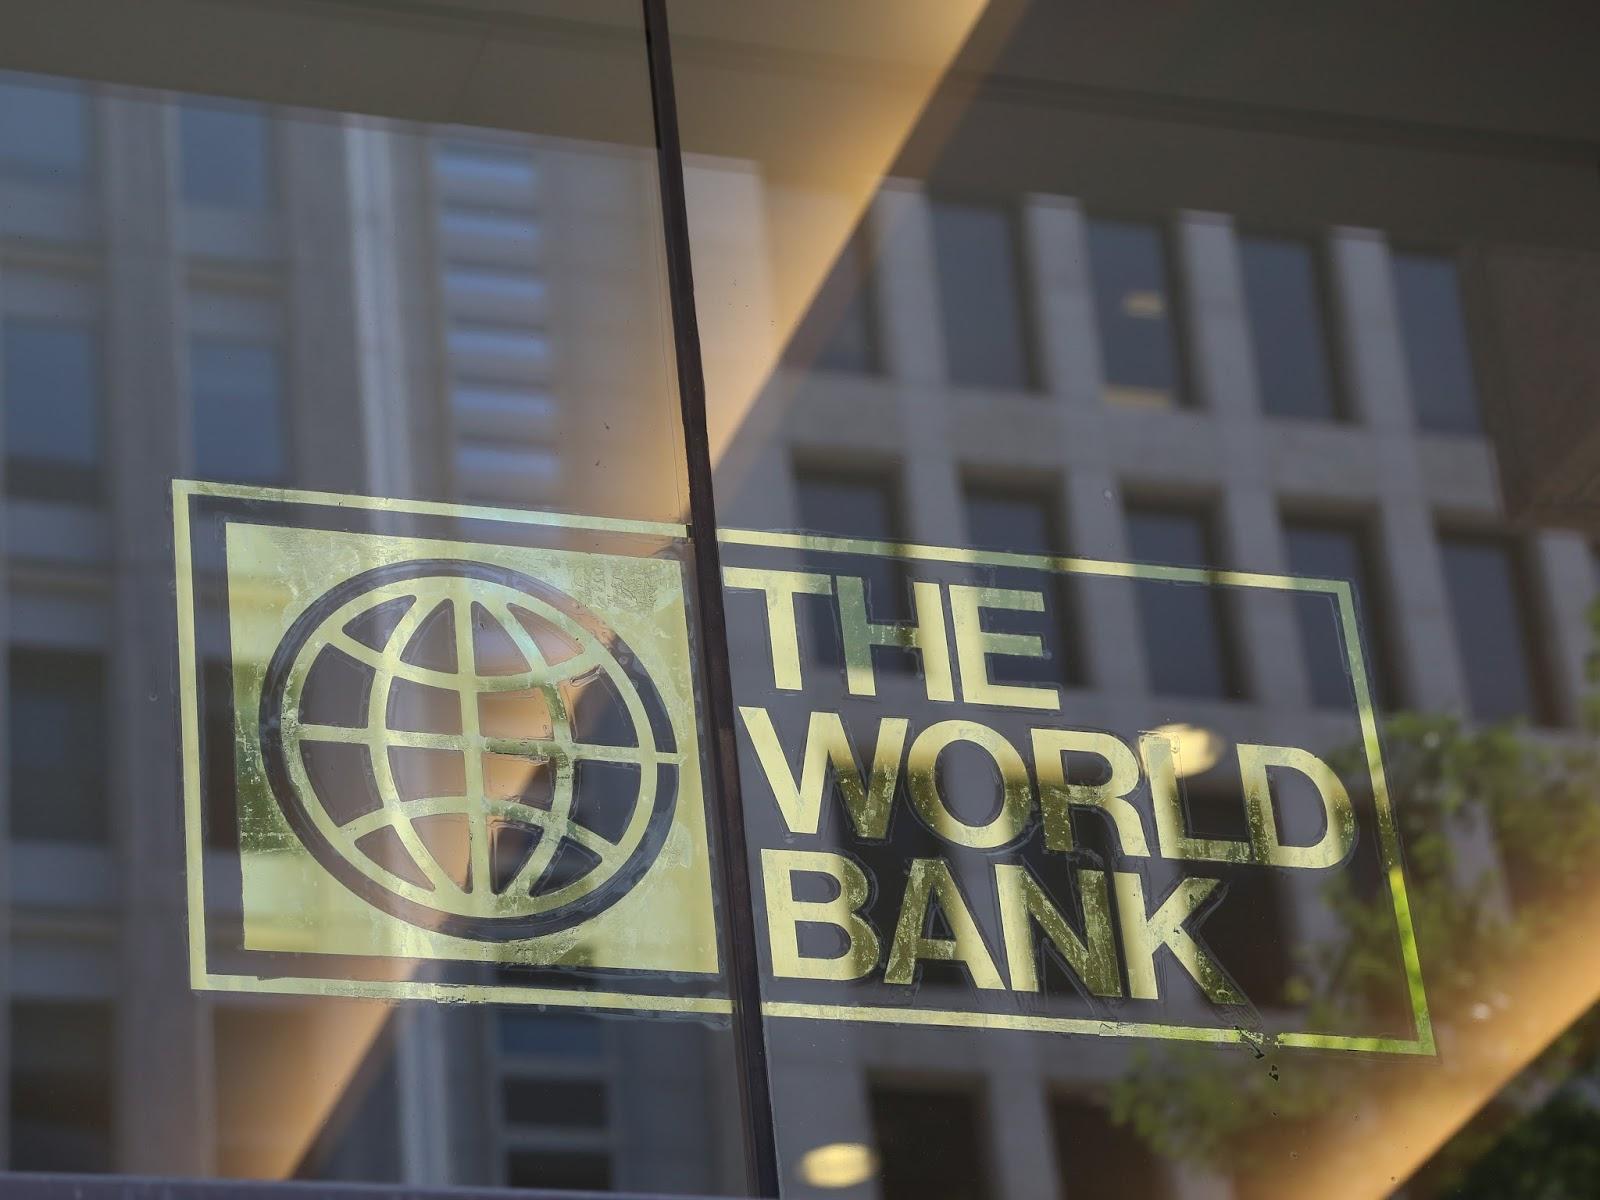 Համաշխարհային բանկը 2020 թվականին աշխարհի տնտեսության աննշան աճ Է կանխատեսում